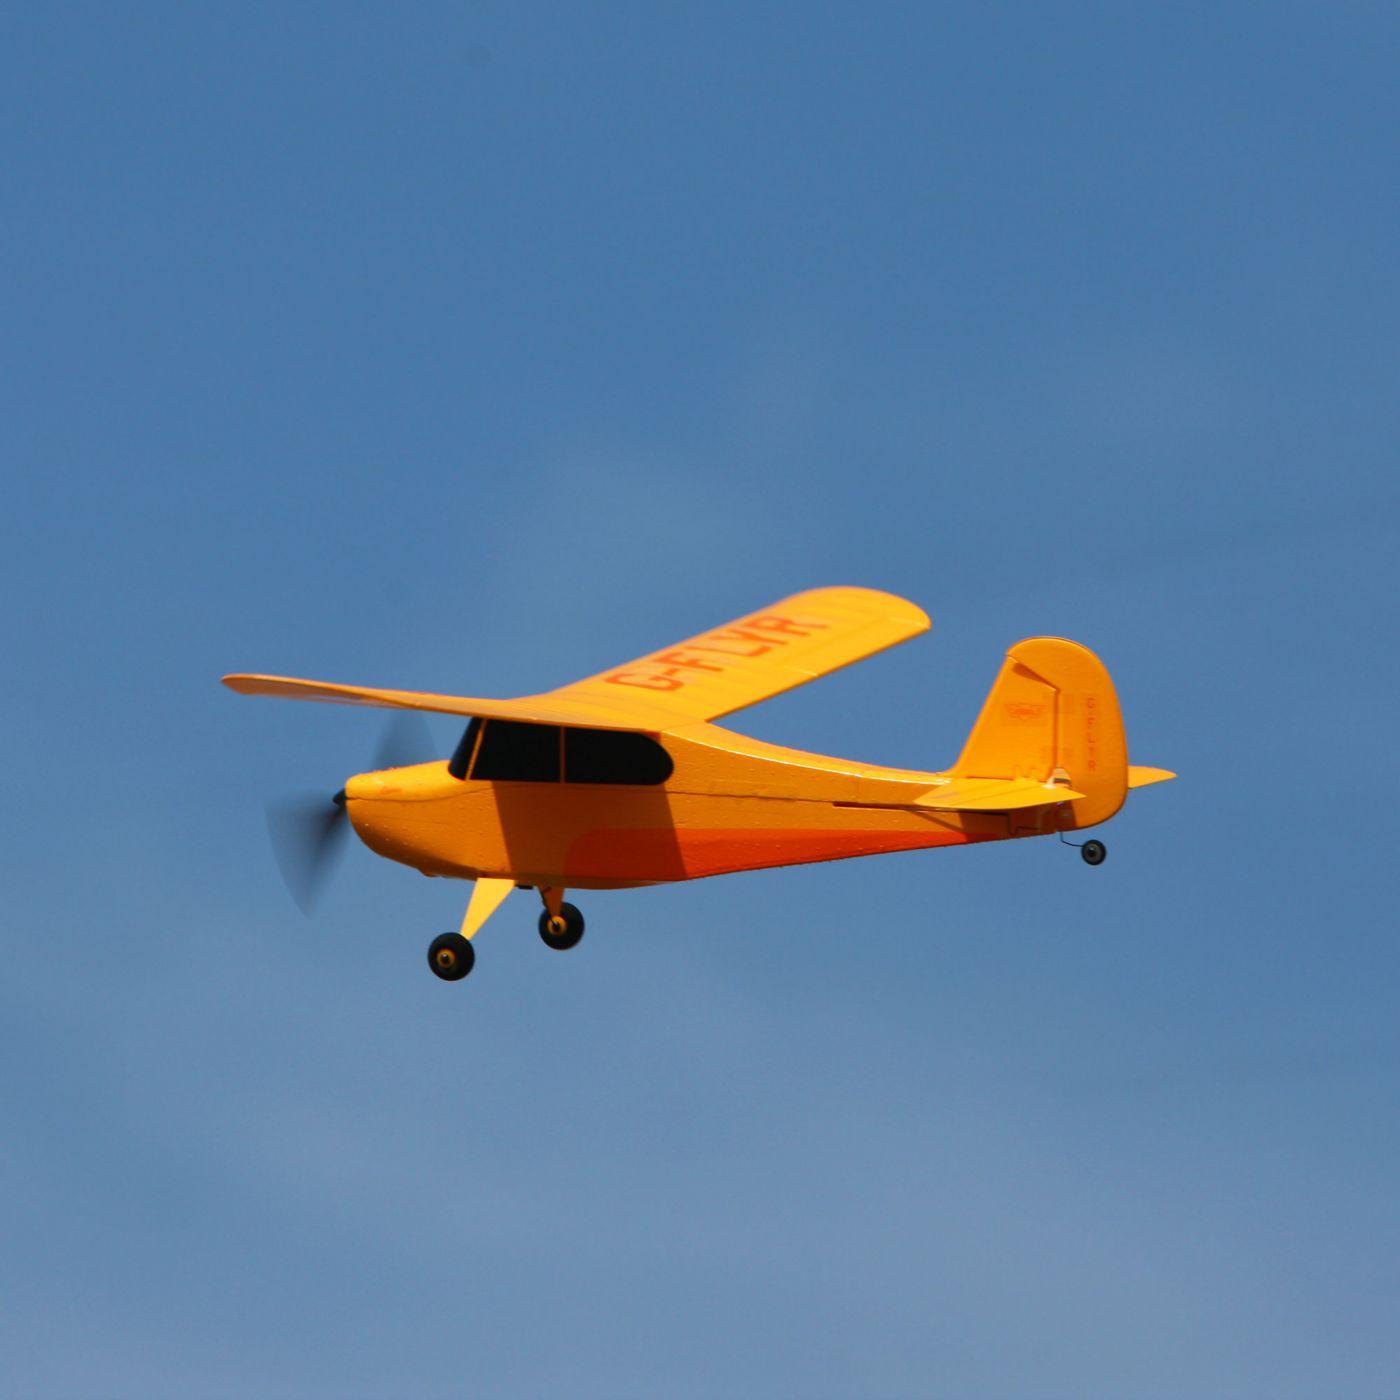 Hobbyzone Champ Rtf Rc Airplane Horizon Hobby Wing Parts Theory 360